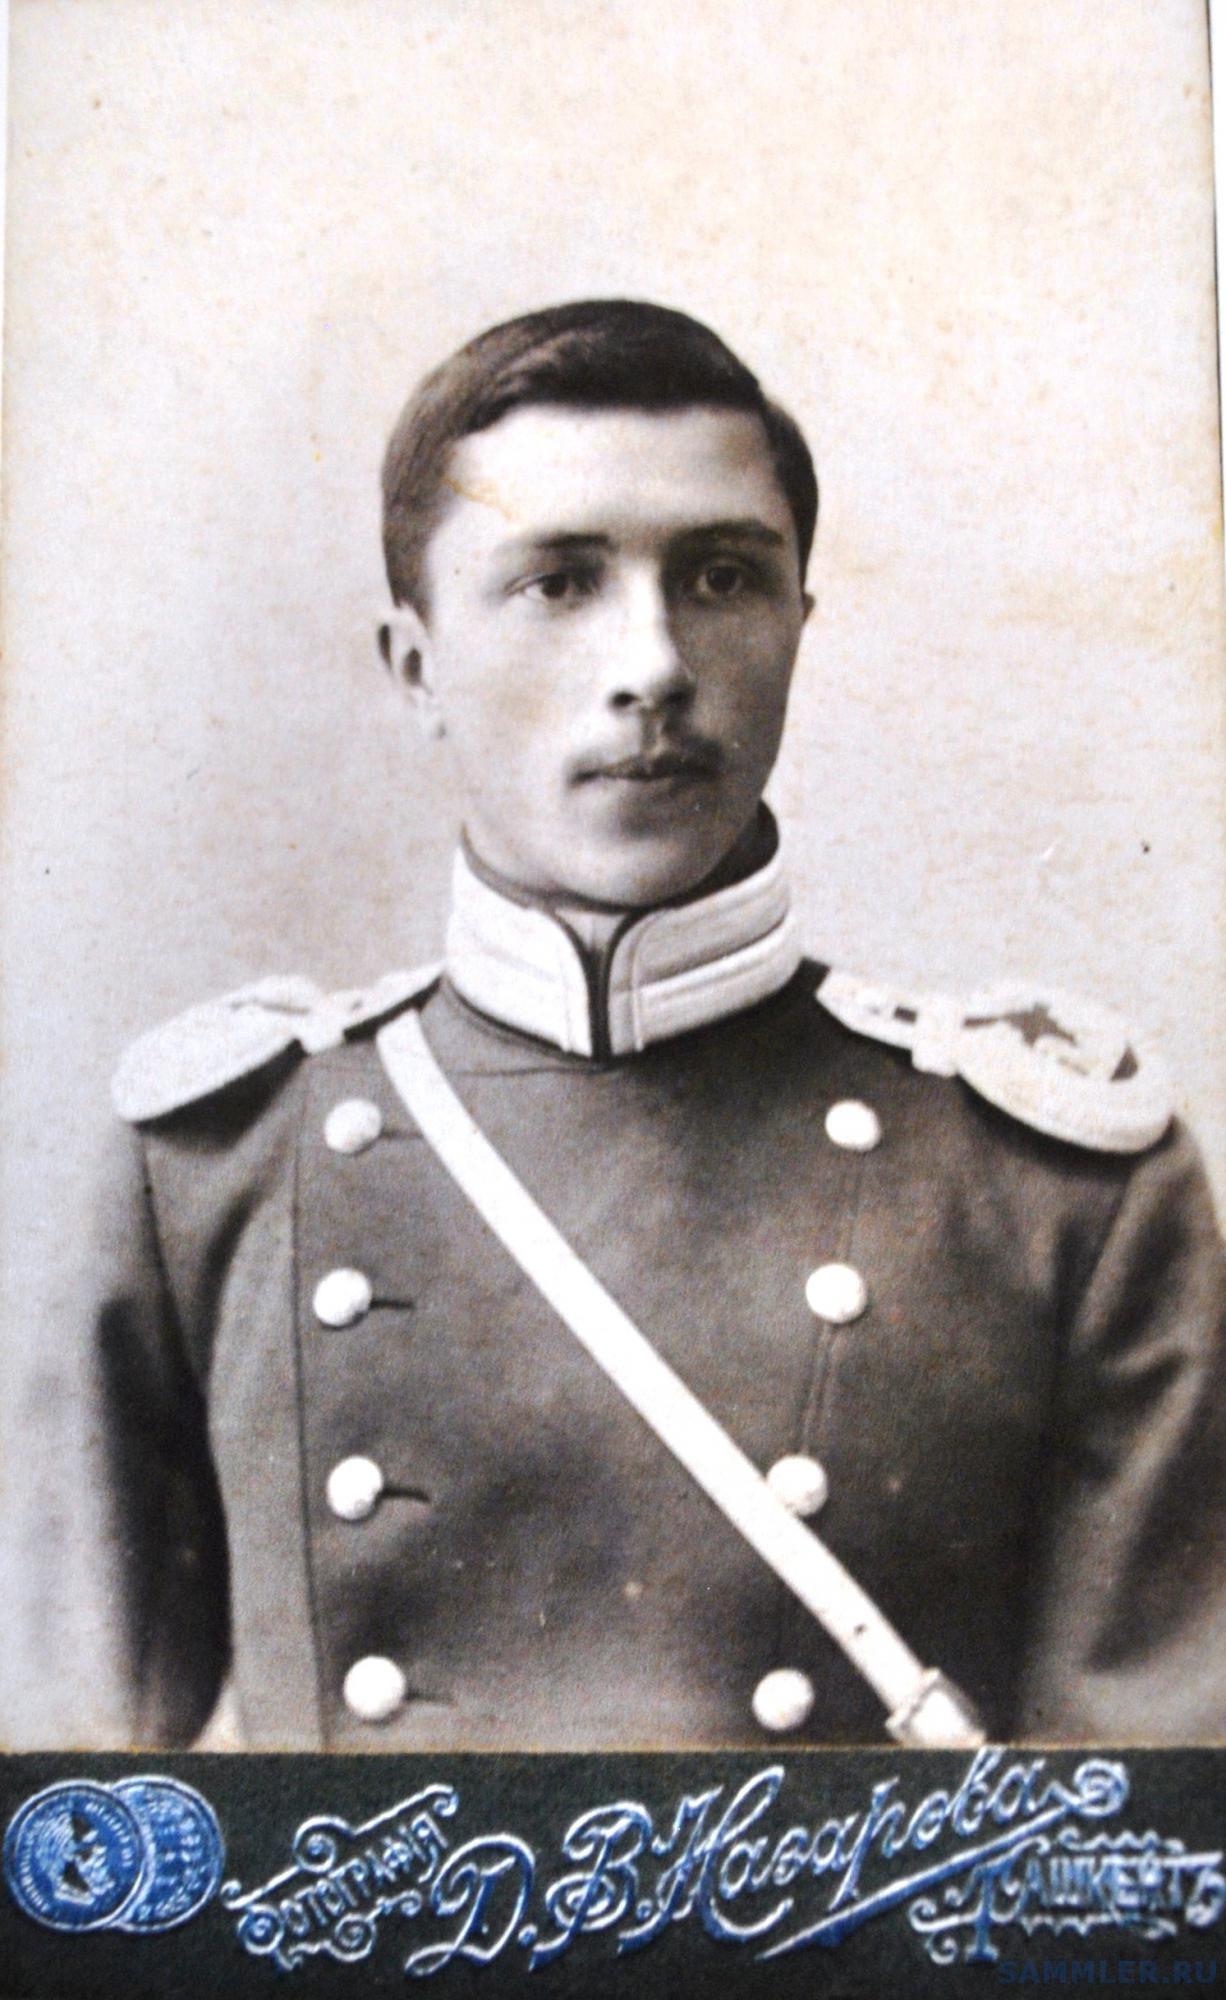 Марков Сергей Иннокентьевич - ташкент.jpg